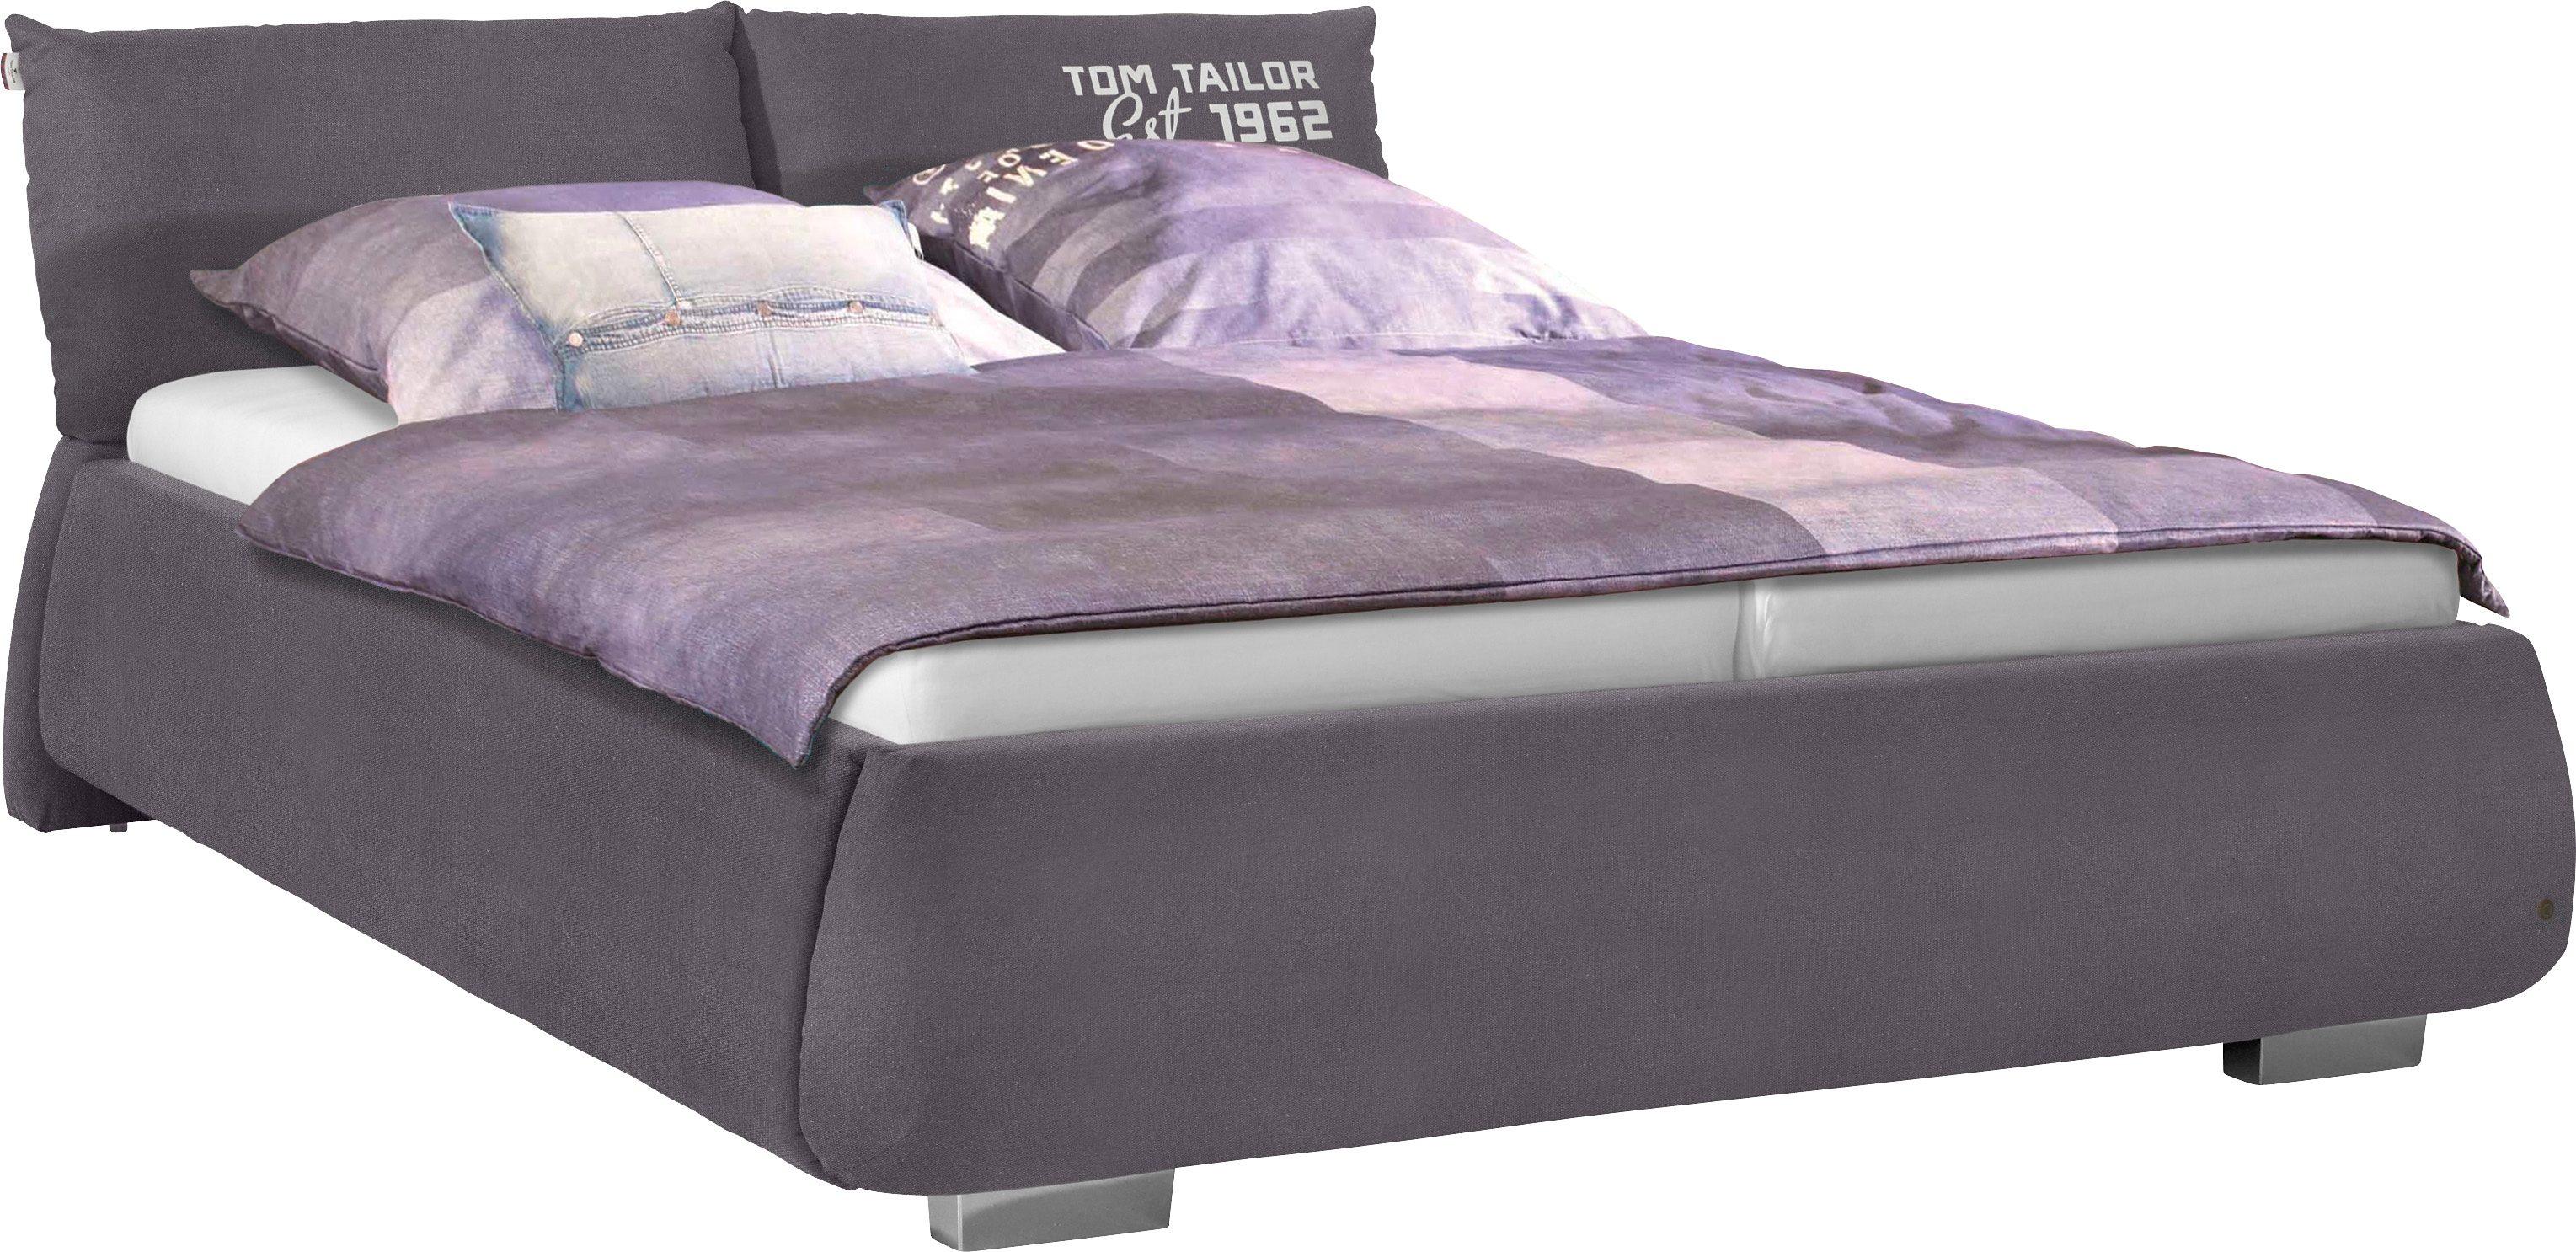 tom tailor polsterbett soft pillow auf rechnung kaufen. Black Bedroom Furniture Sets. Home Design Ideas